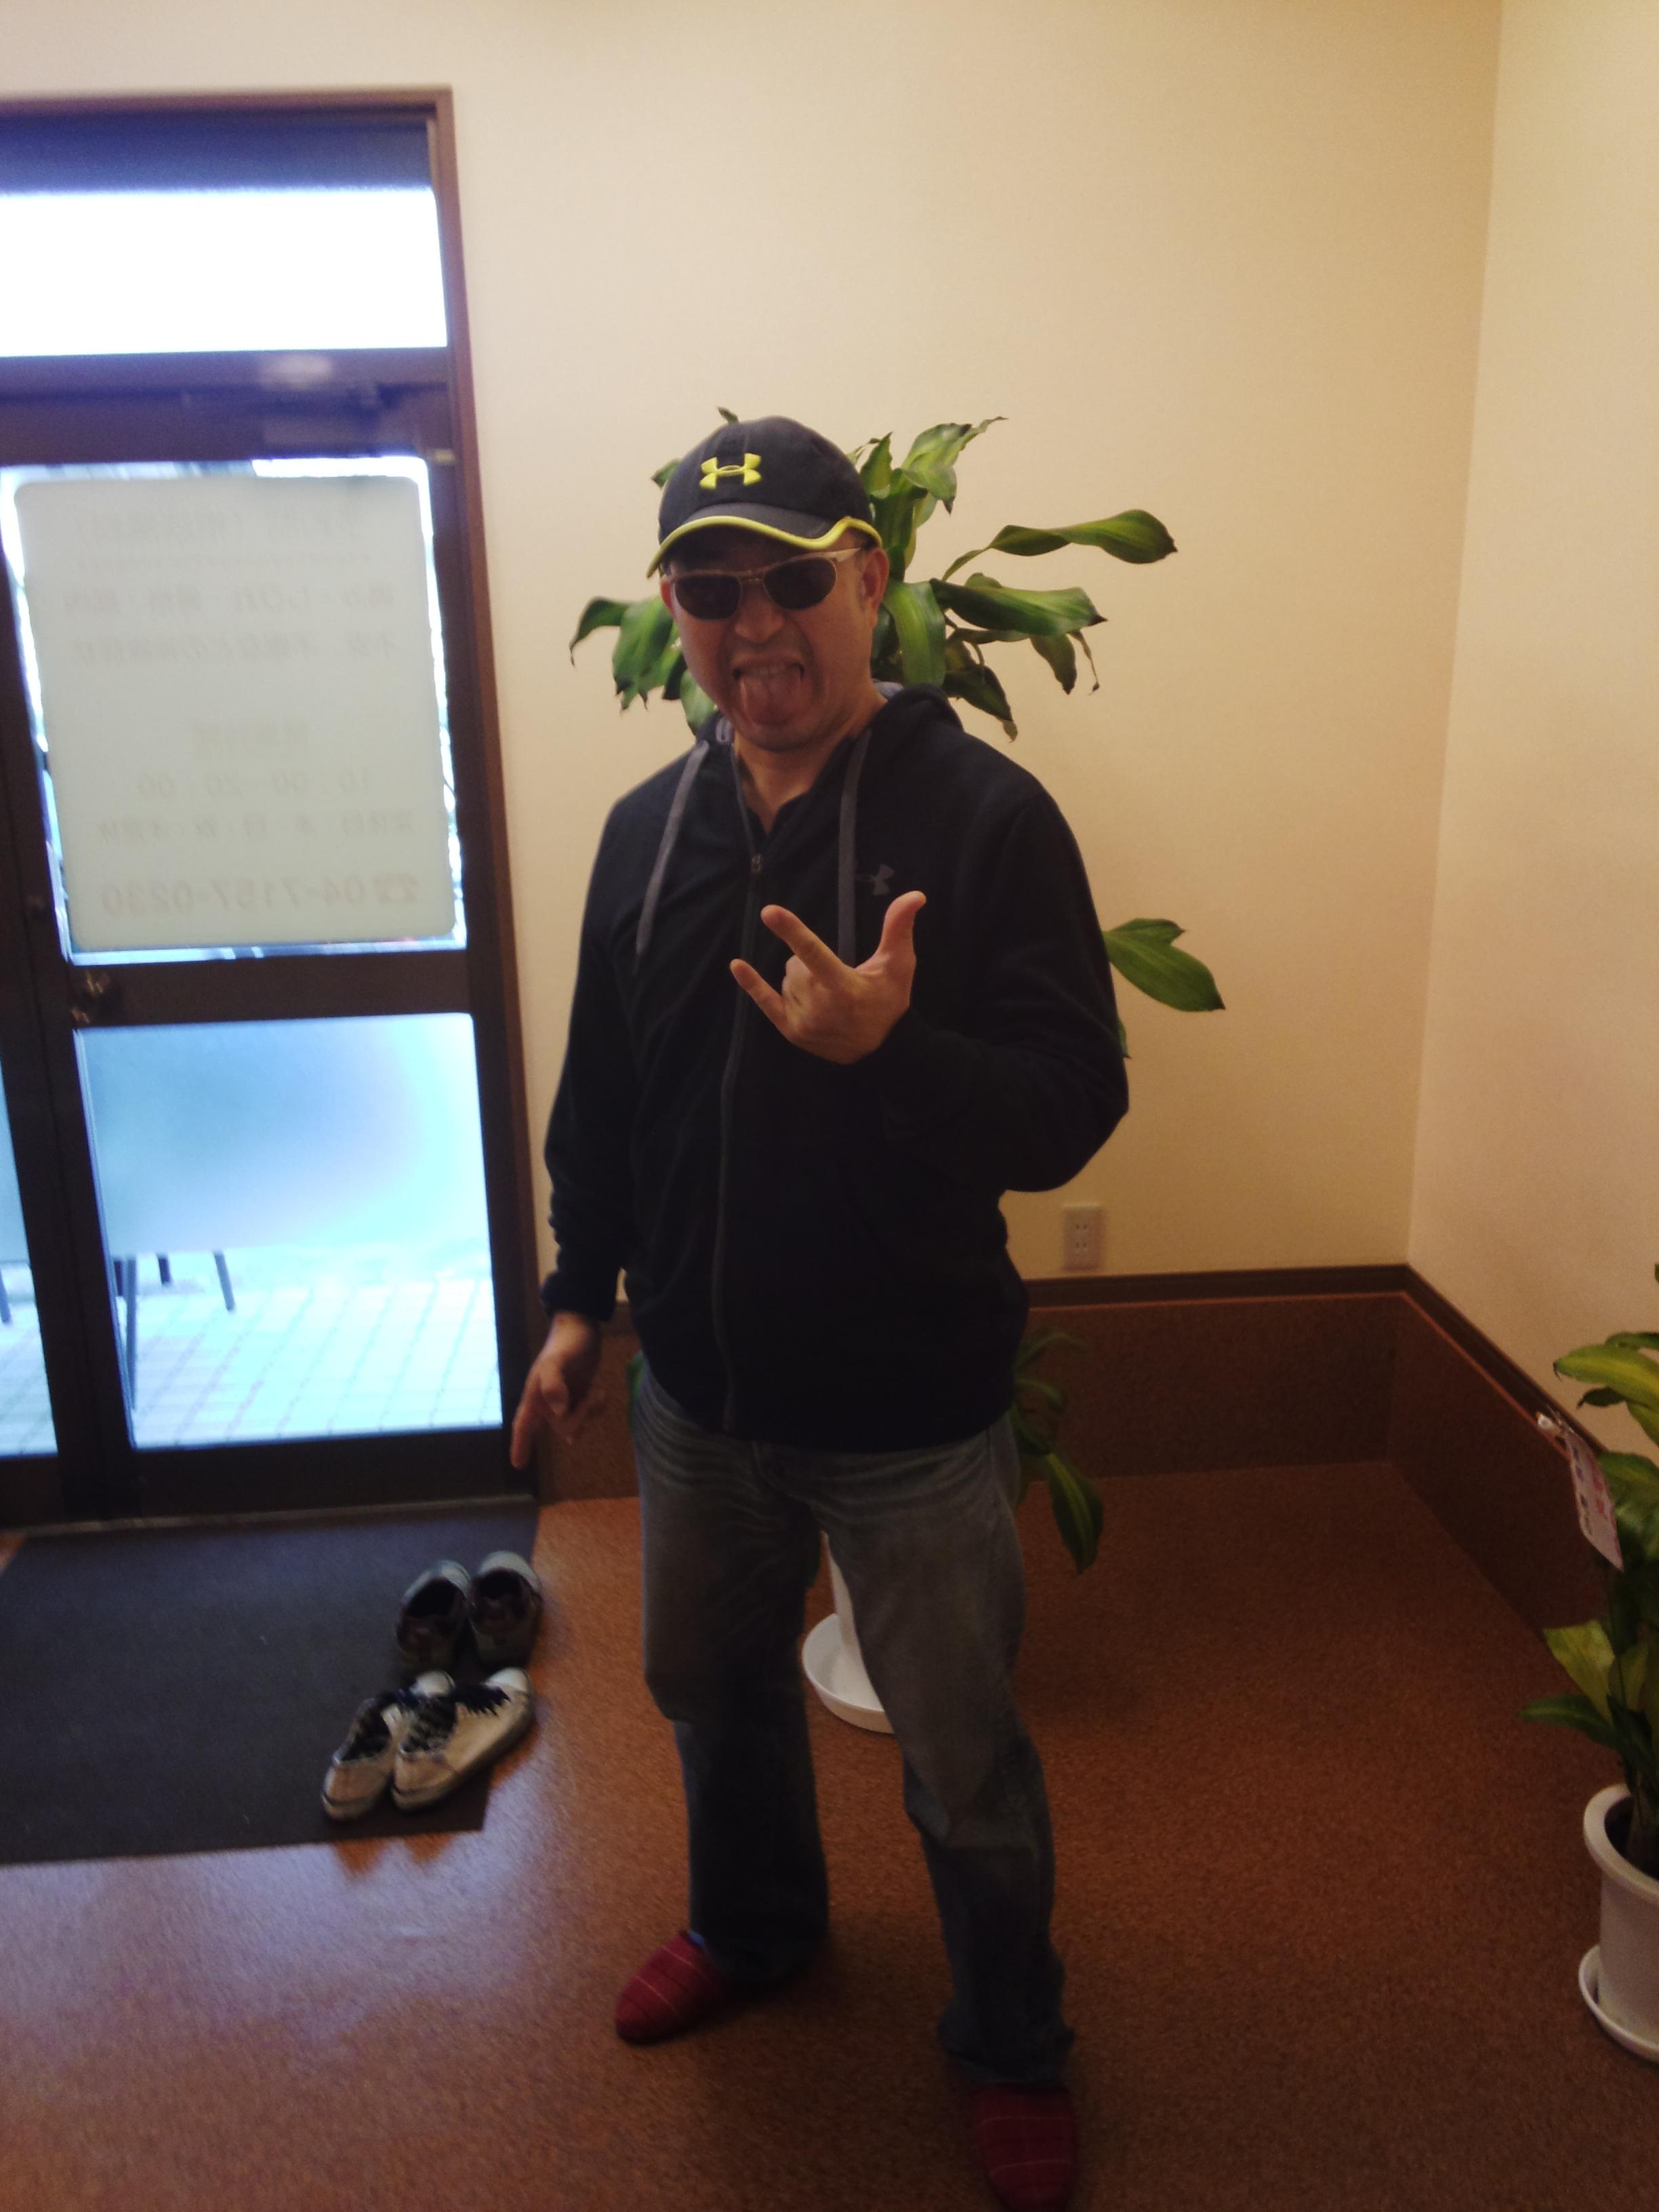 最初の訪問者鈴木さん